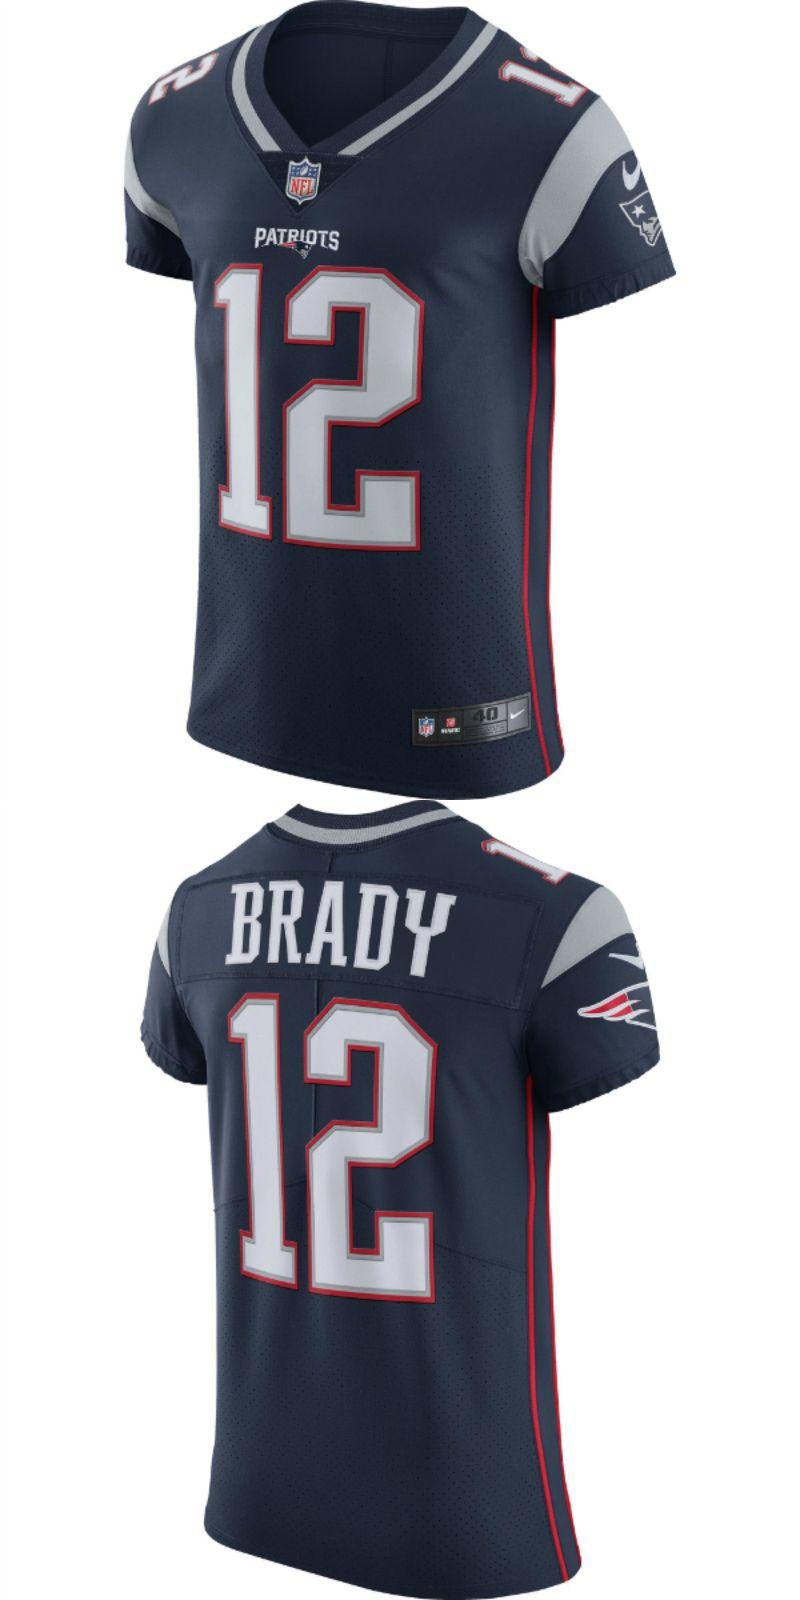 buy popular f98d8 d3e66 UP TO 70% OFF. Tom Brady New England Patriots Nike Vapor ...